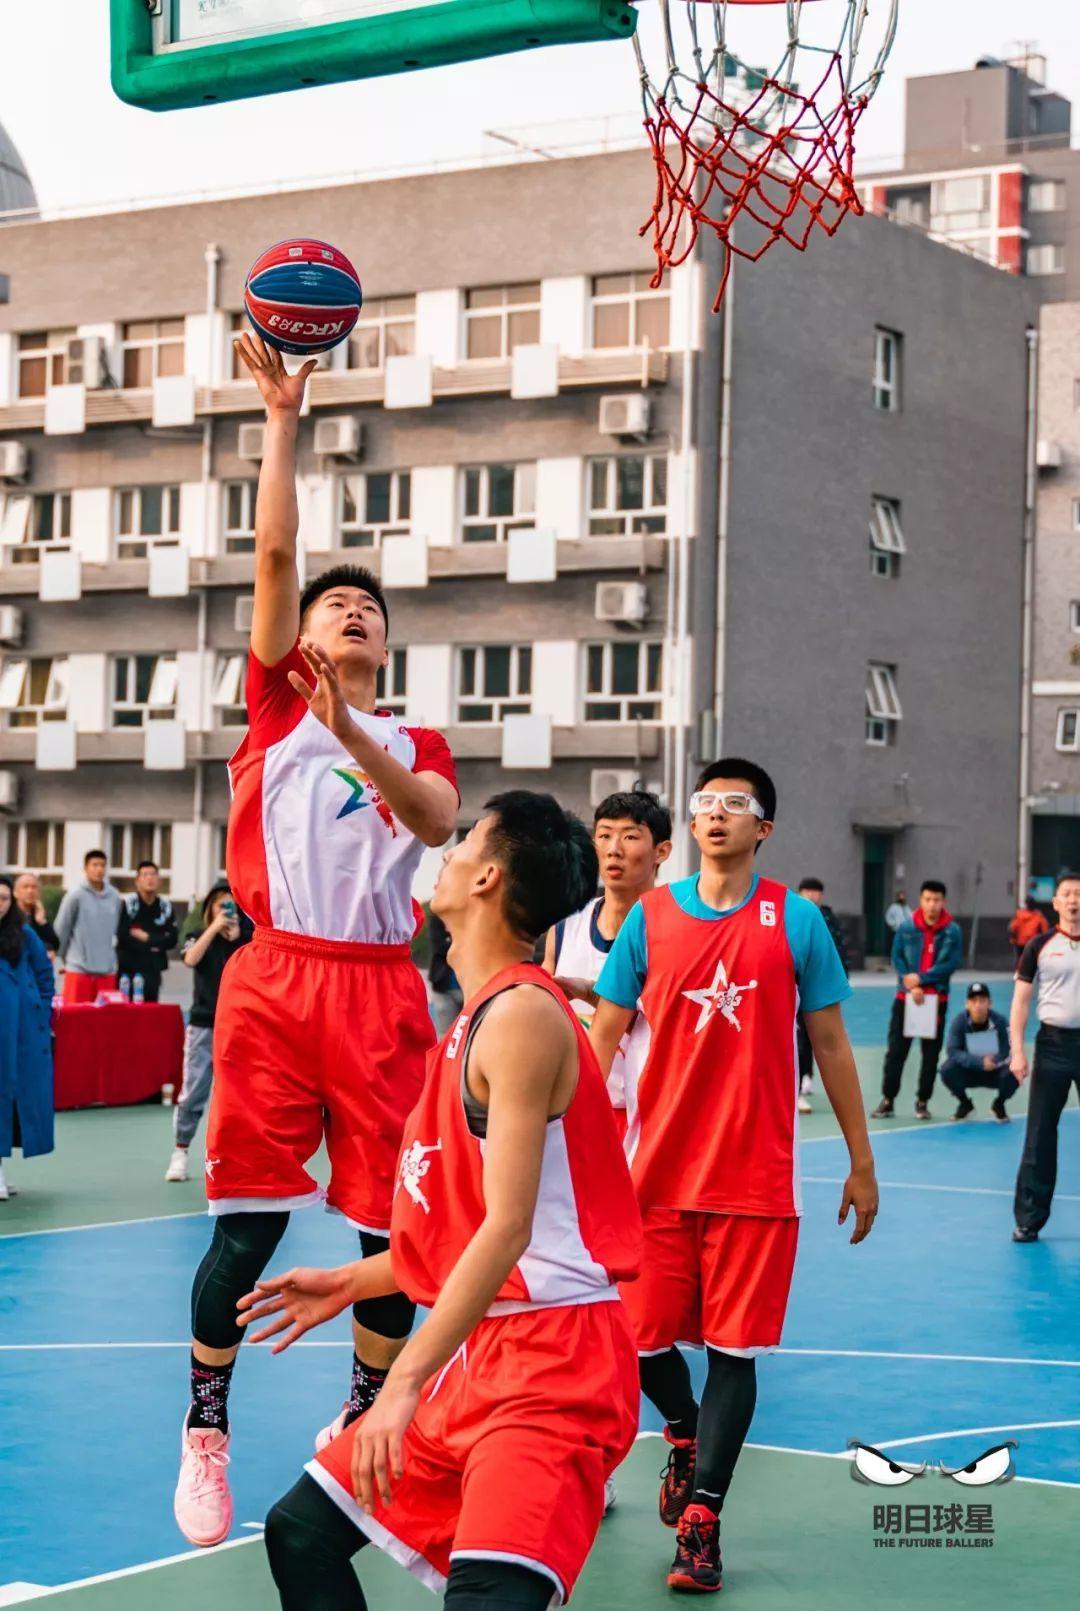 中关村中学雕像_中关村中学 vs 北京四中